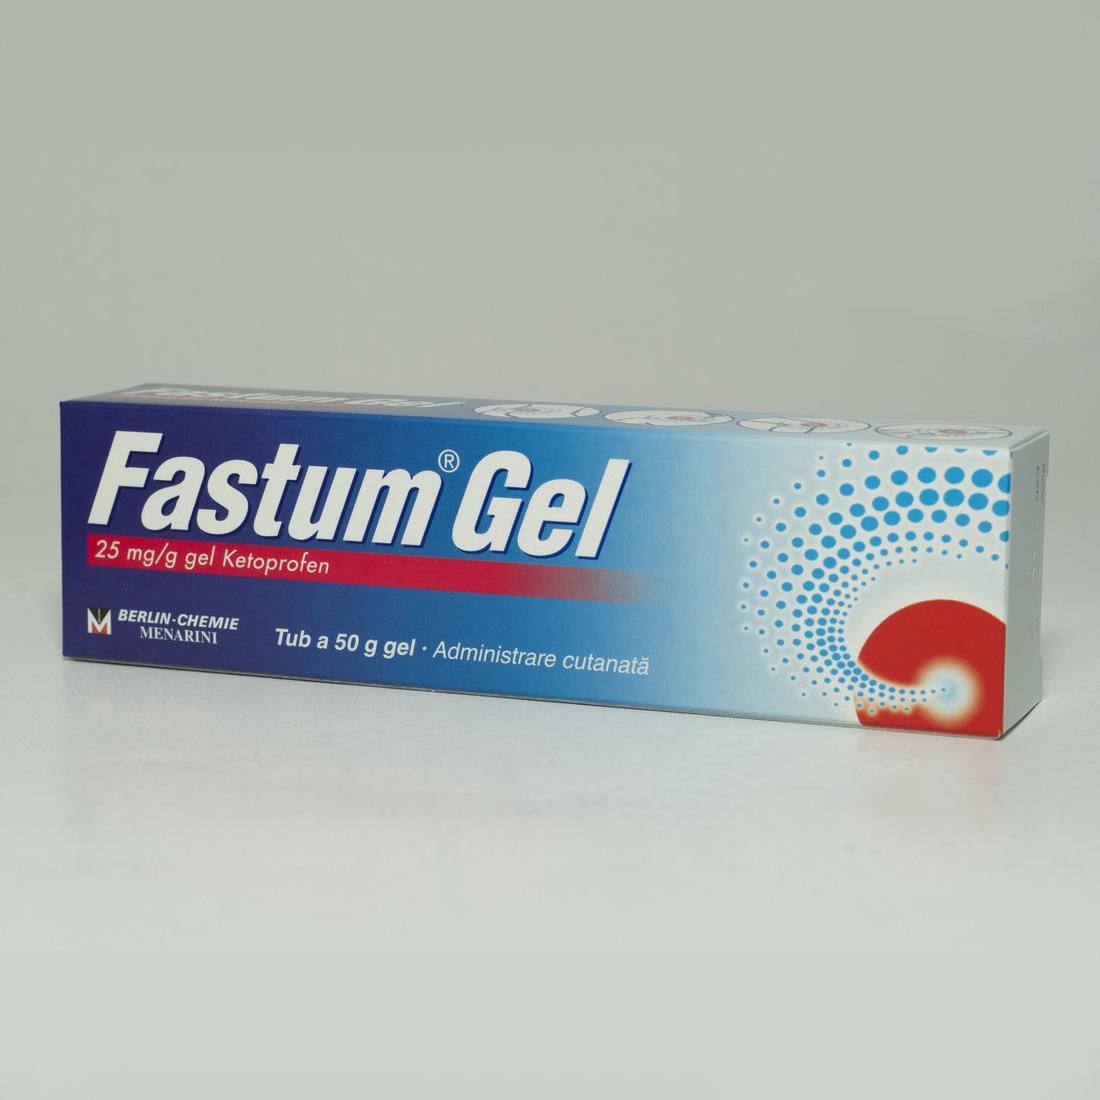 Fastum Gel Ketoprofen g, g, Berlin-Chemie Ag : Farmacia Tei